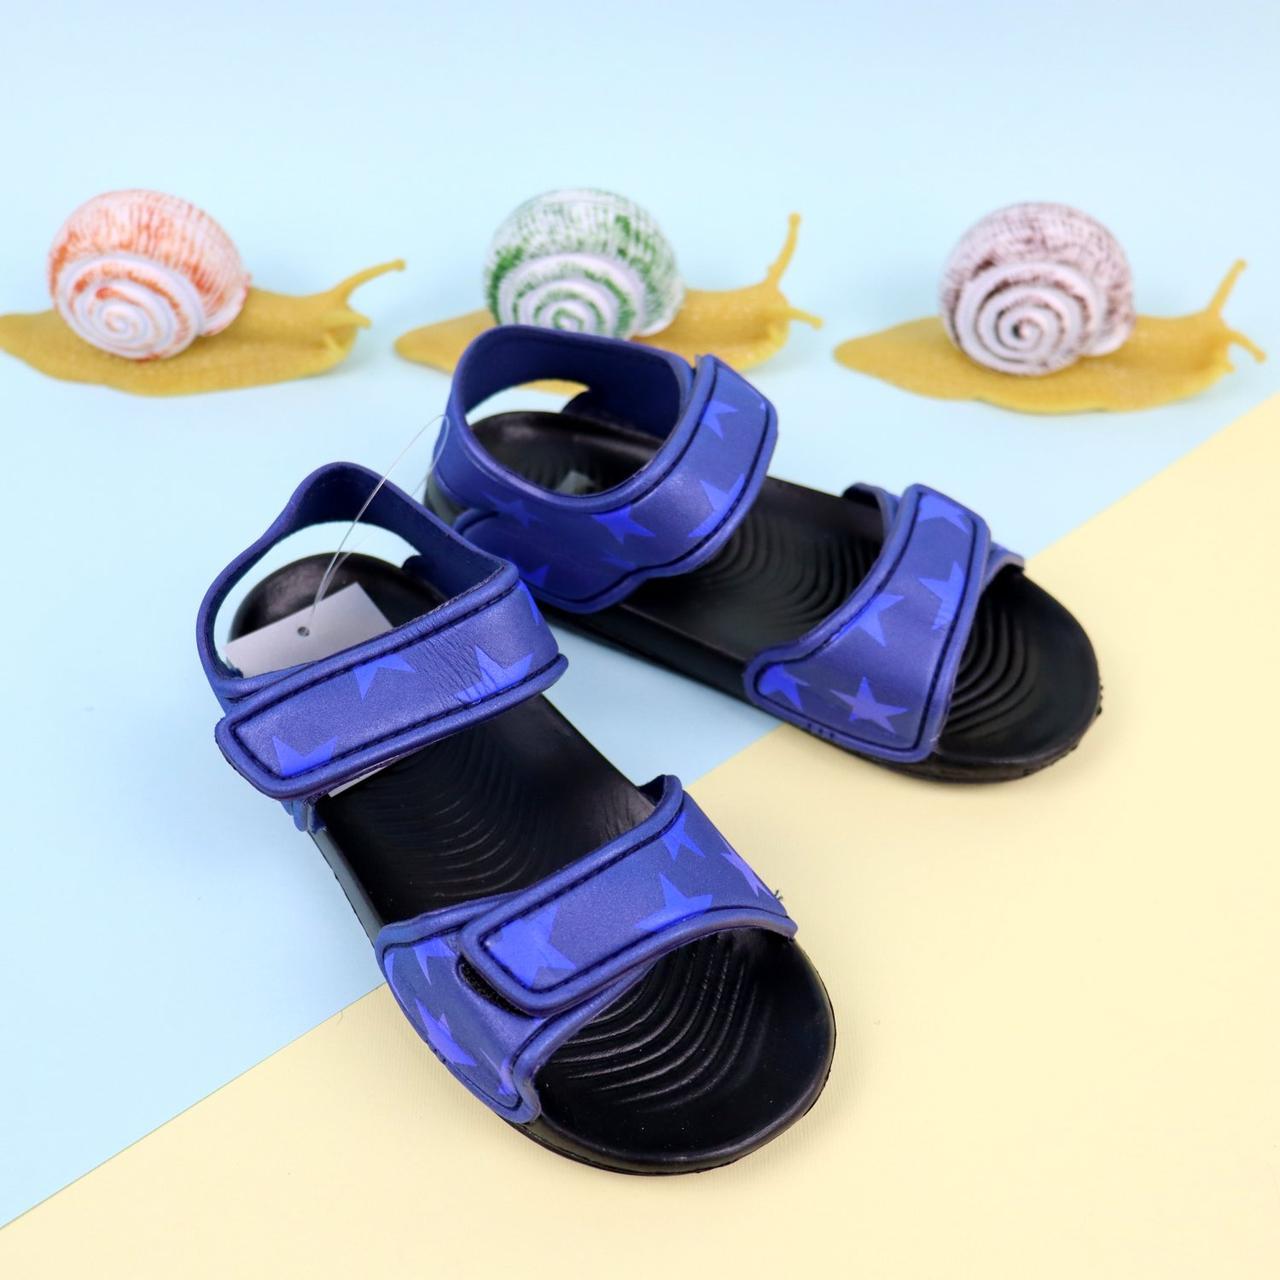 Літнє взуття дитячі сандалії на хлопчика тм Giolan р.31,34